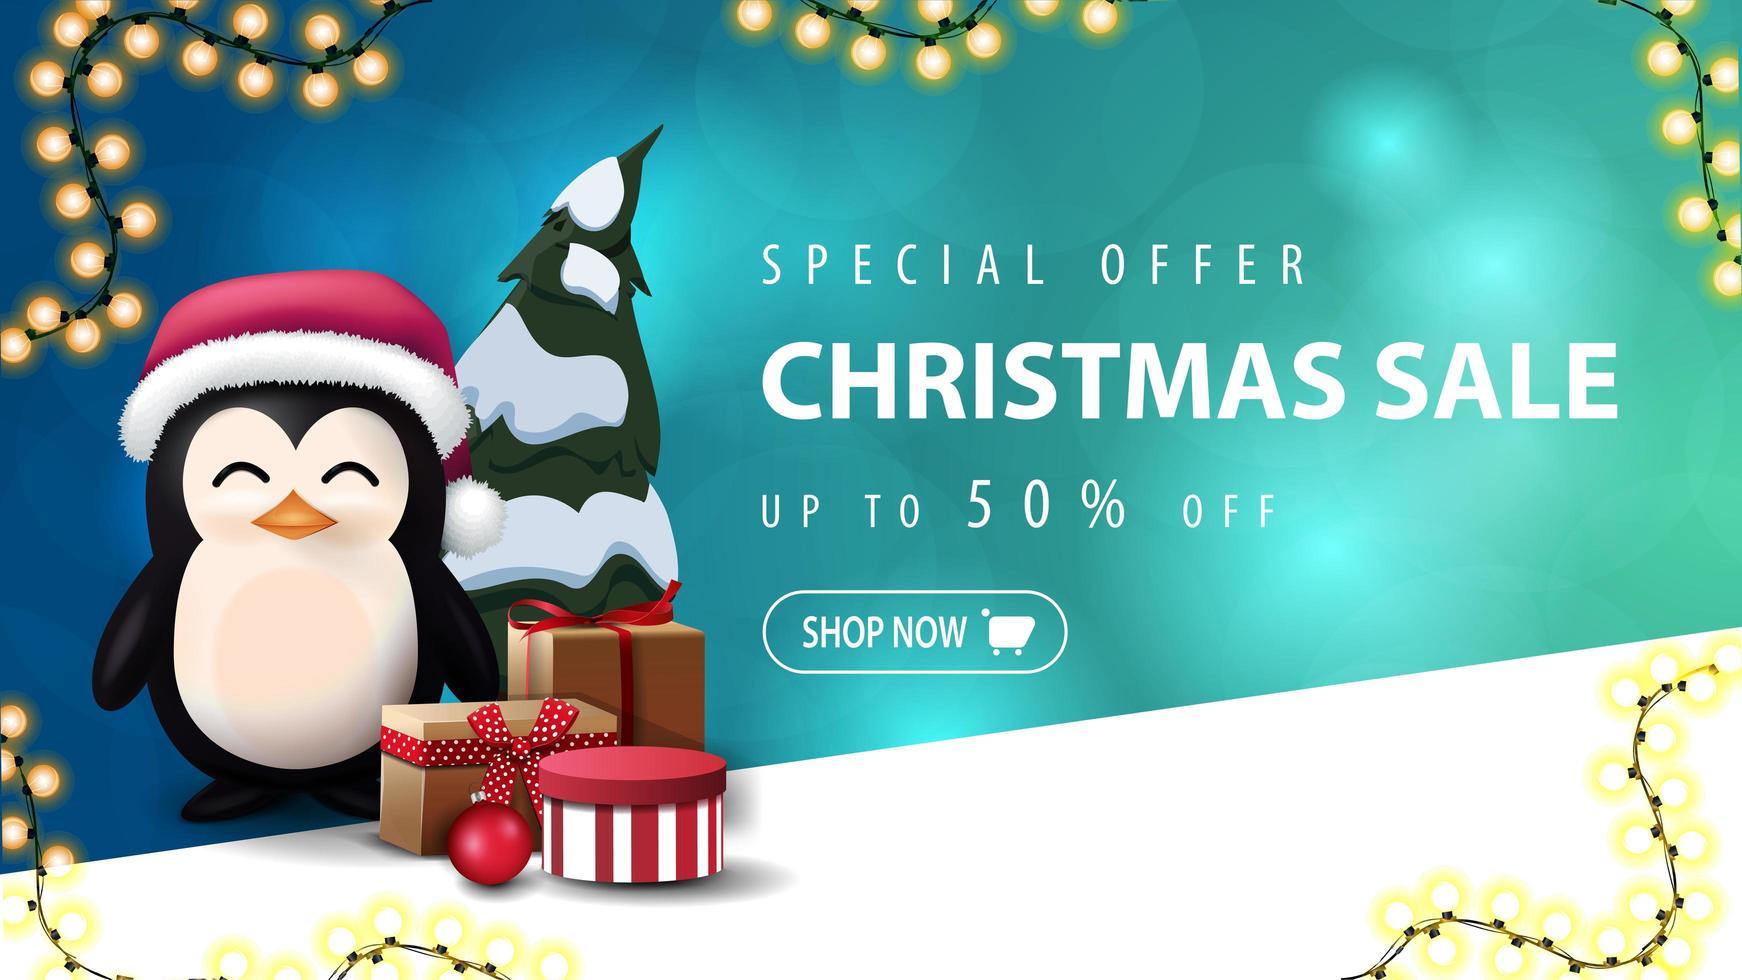 speciale aanbieding, kerstuitverkoop, tot 50 korting, blauwe kortingsbanner met onscherpe achtergrond met bokeh en pinguïn in kerstmanhoed met cadeautjes vector